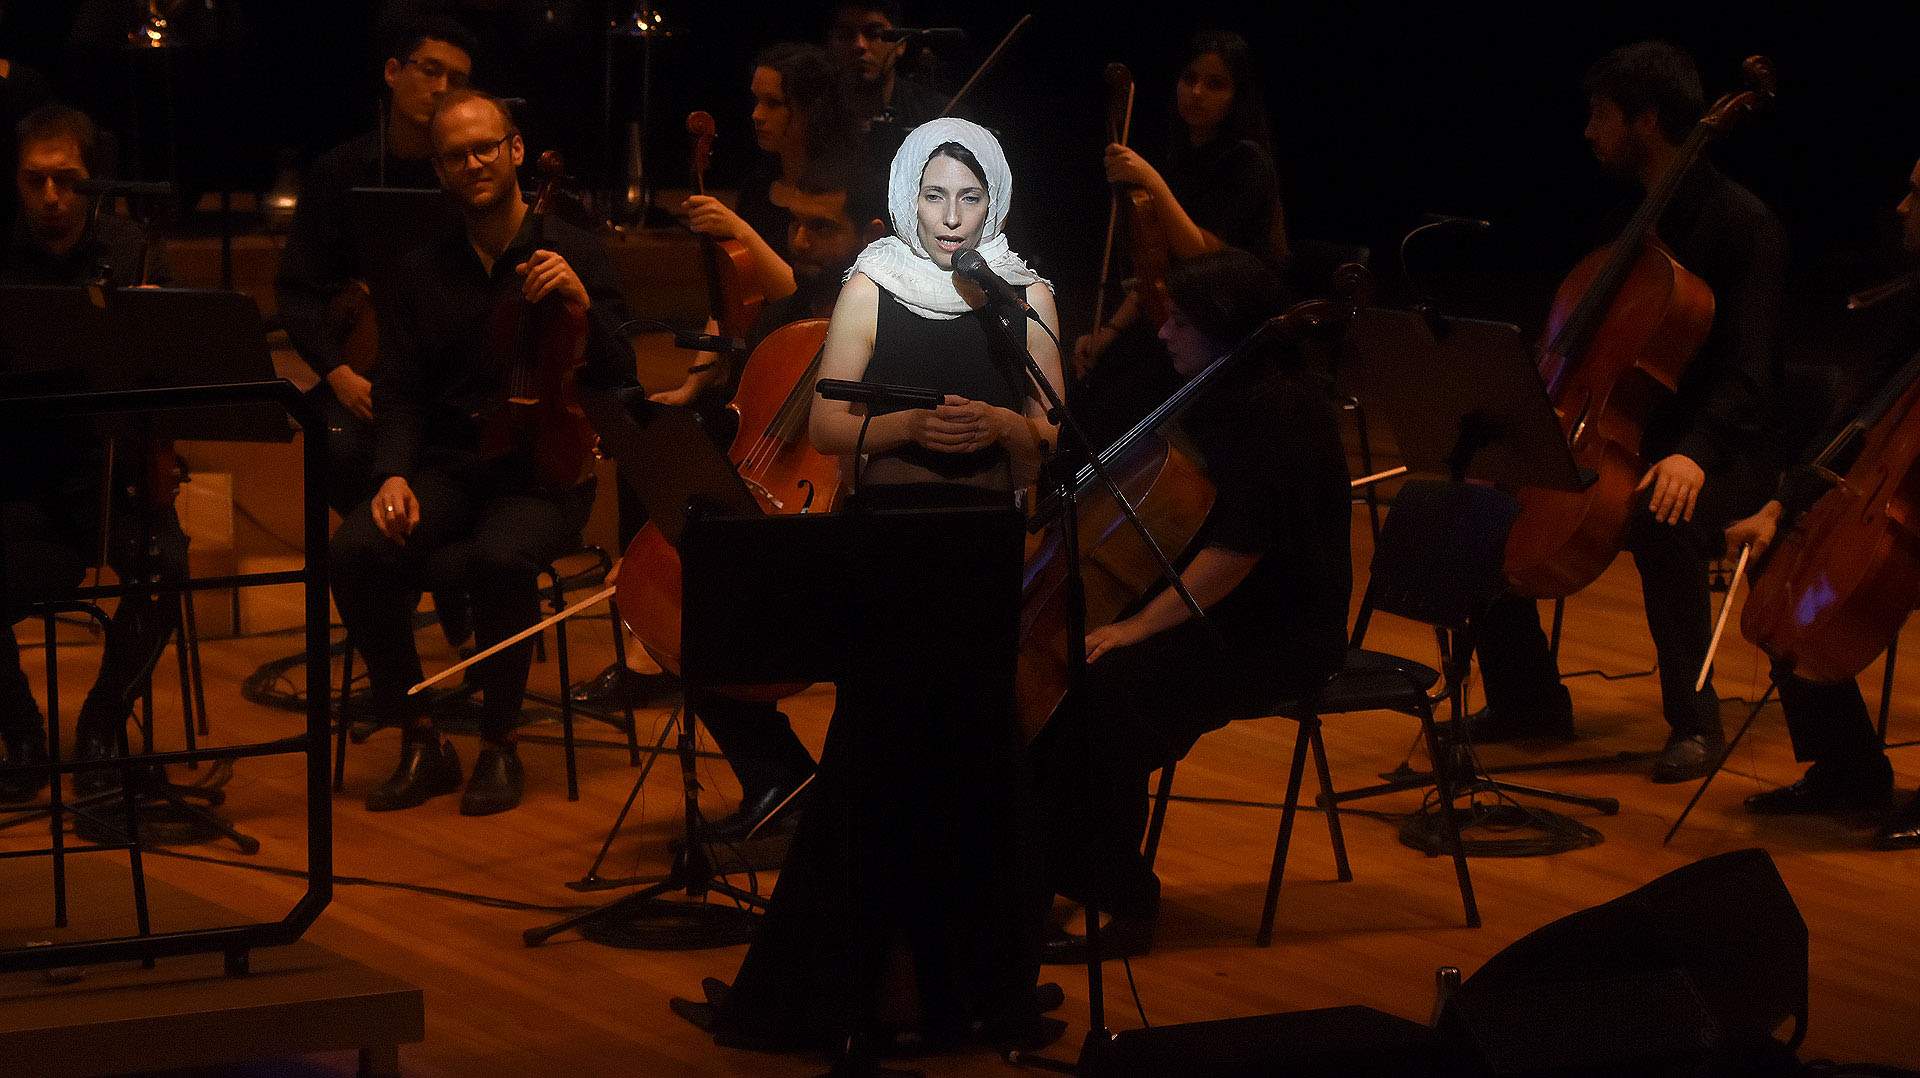 La consagrada artista, Elena Rogers, emocionó interpretando a Édith Piaf